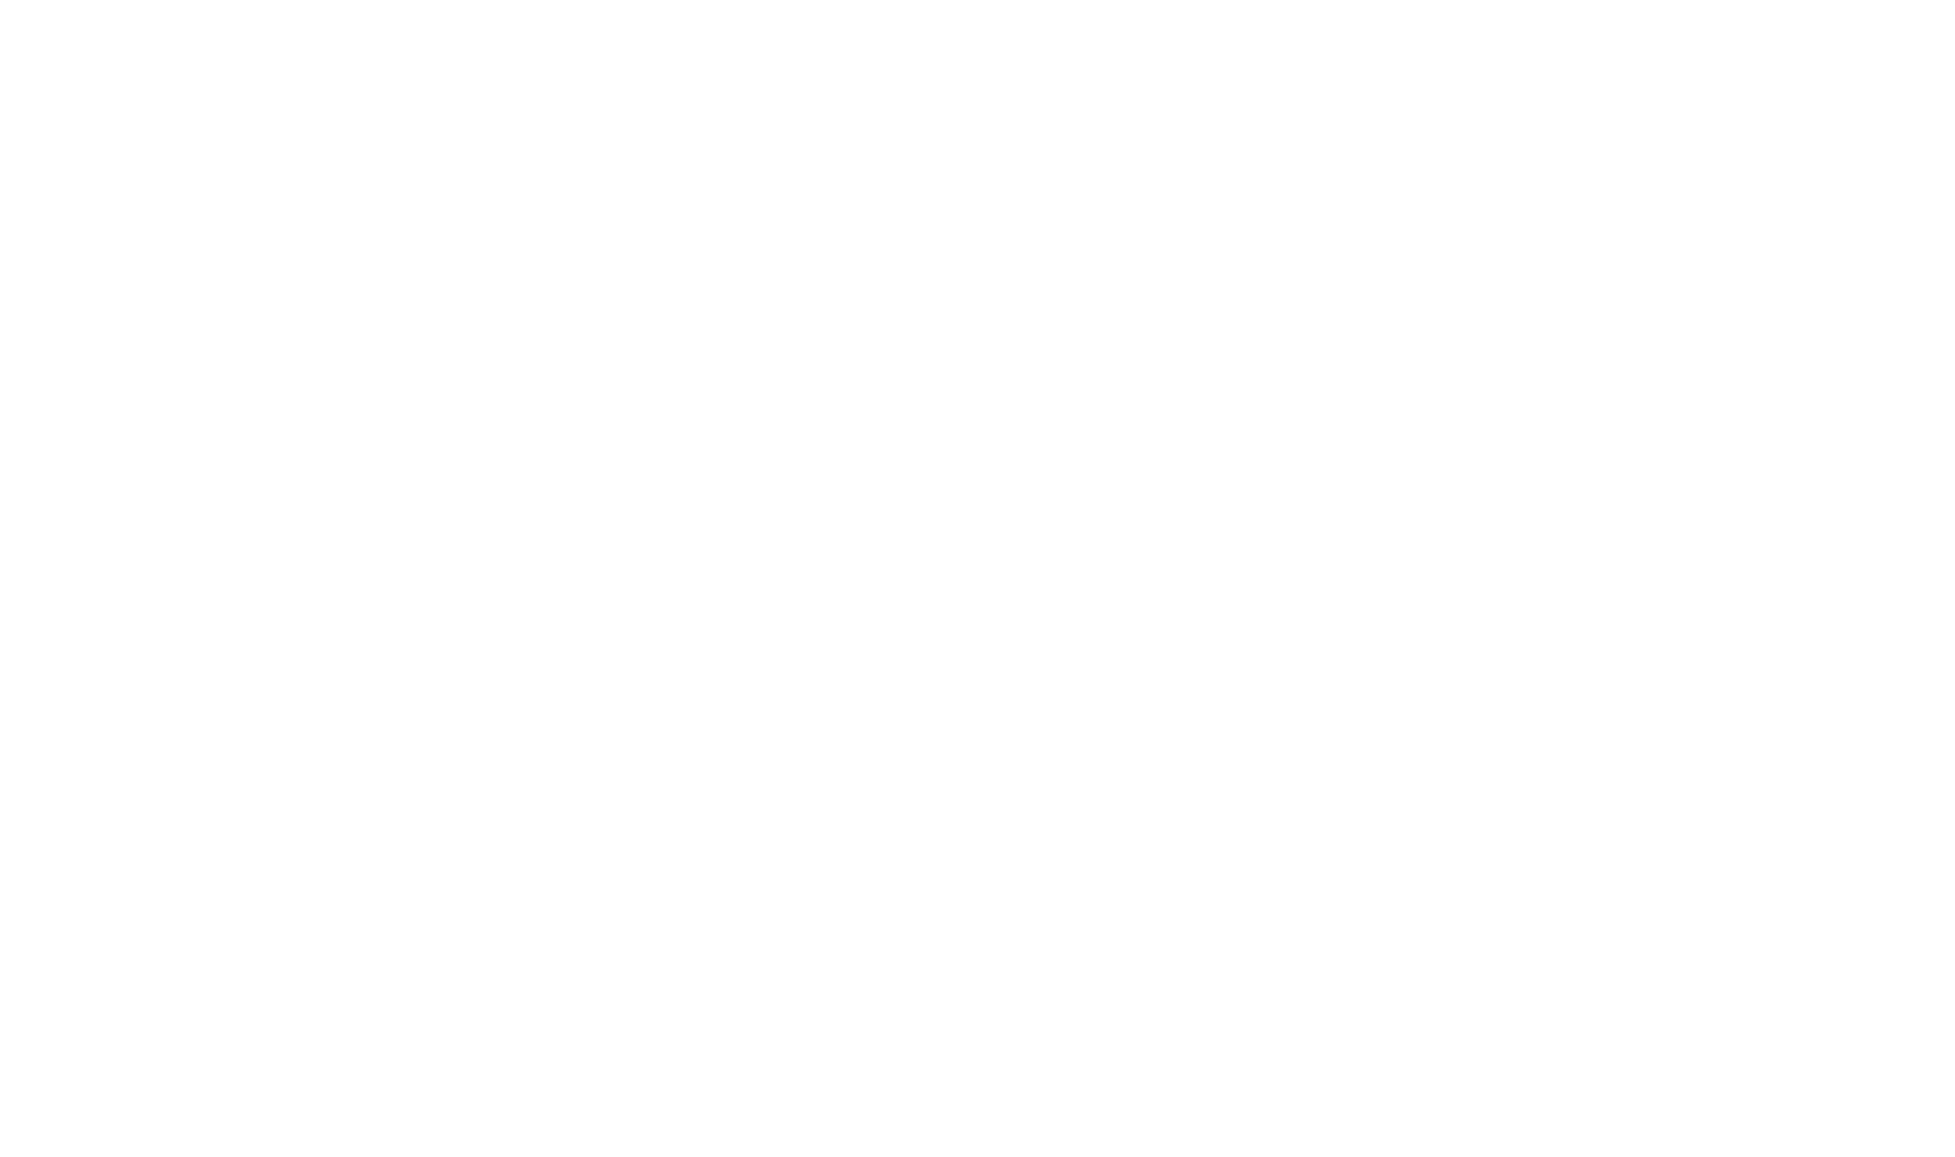 4_WitsDigitalArts